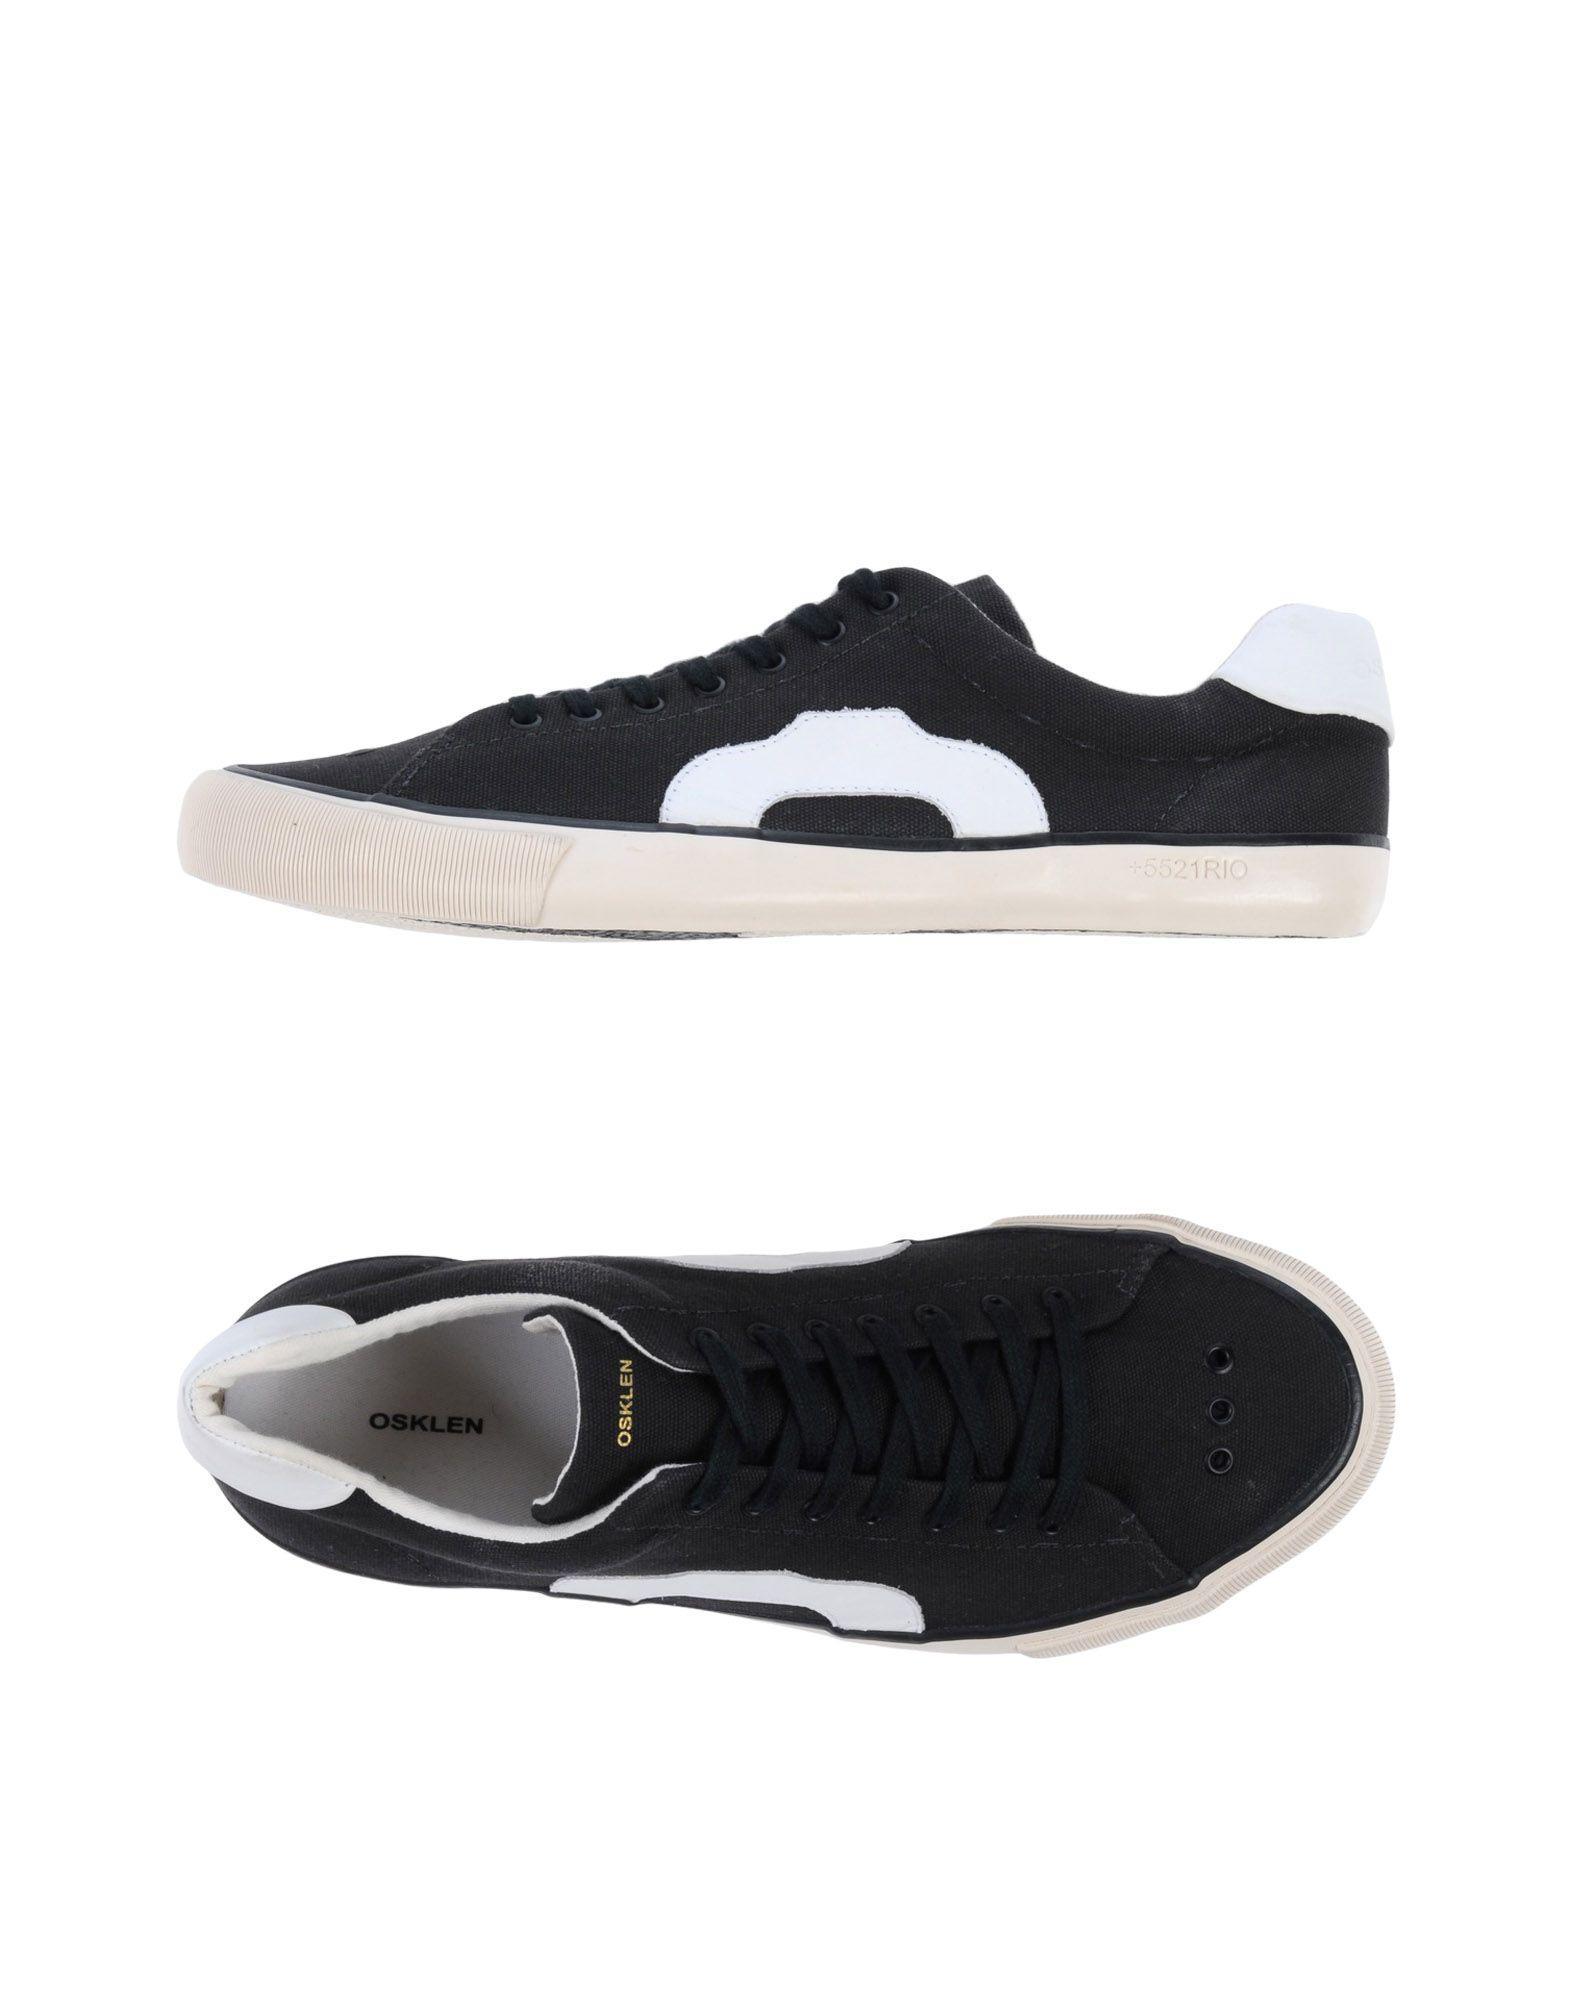 Osklen Sneakers In Steel Grey